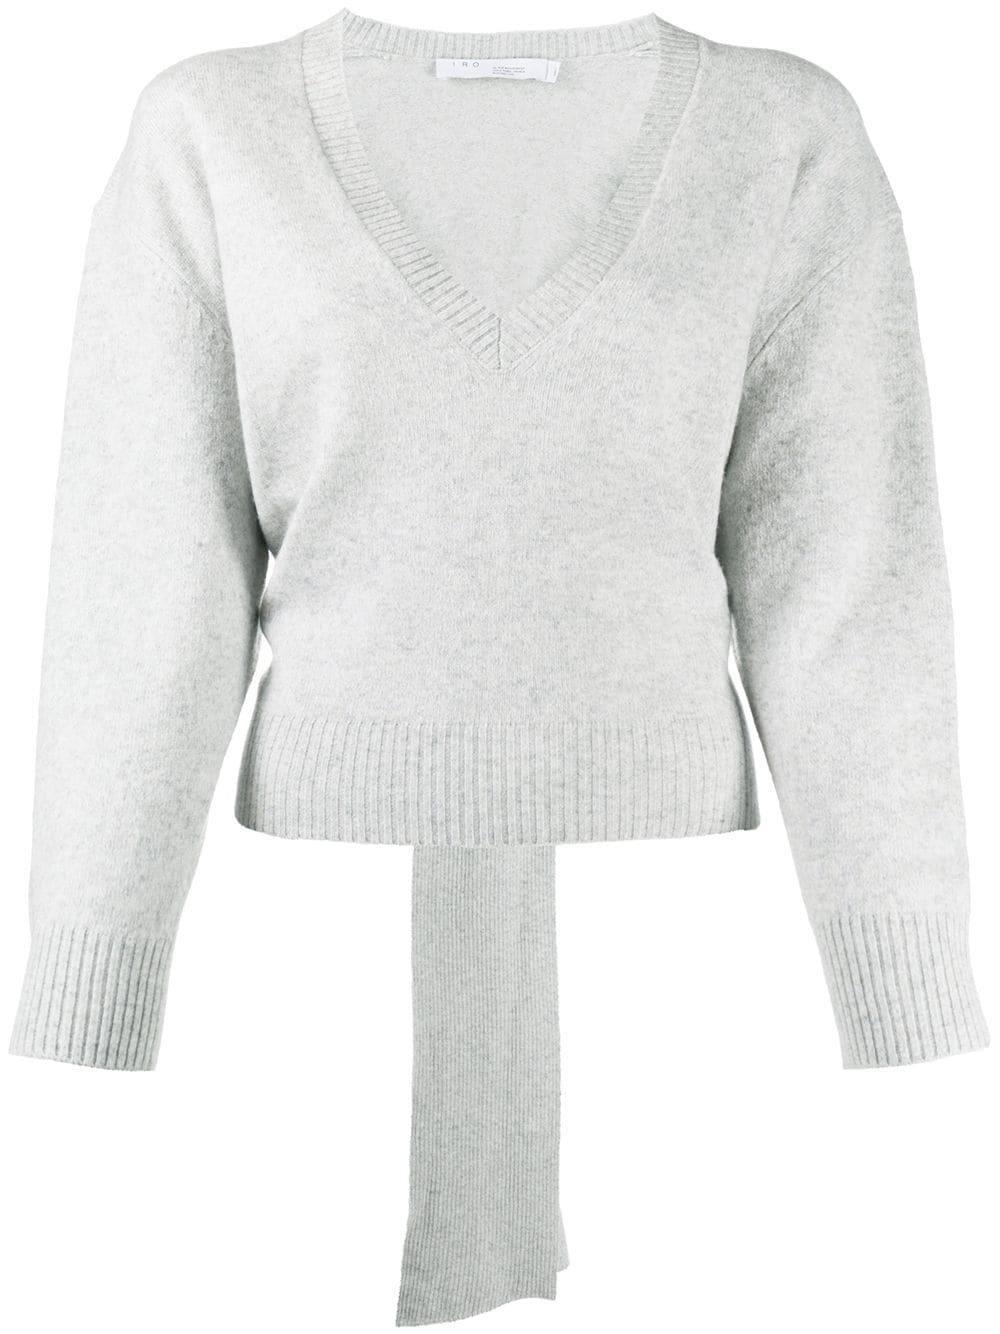 Jokee Sweater Item # WP12JOKEE-C